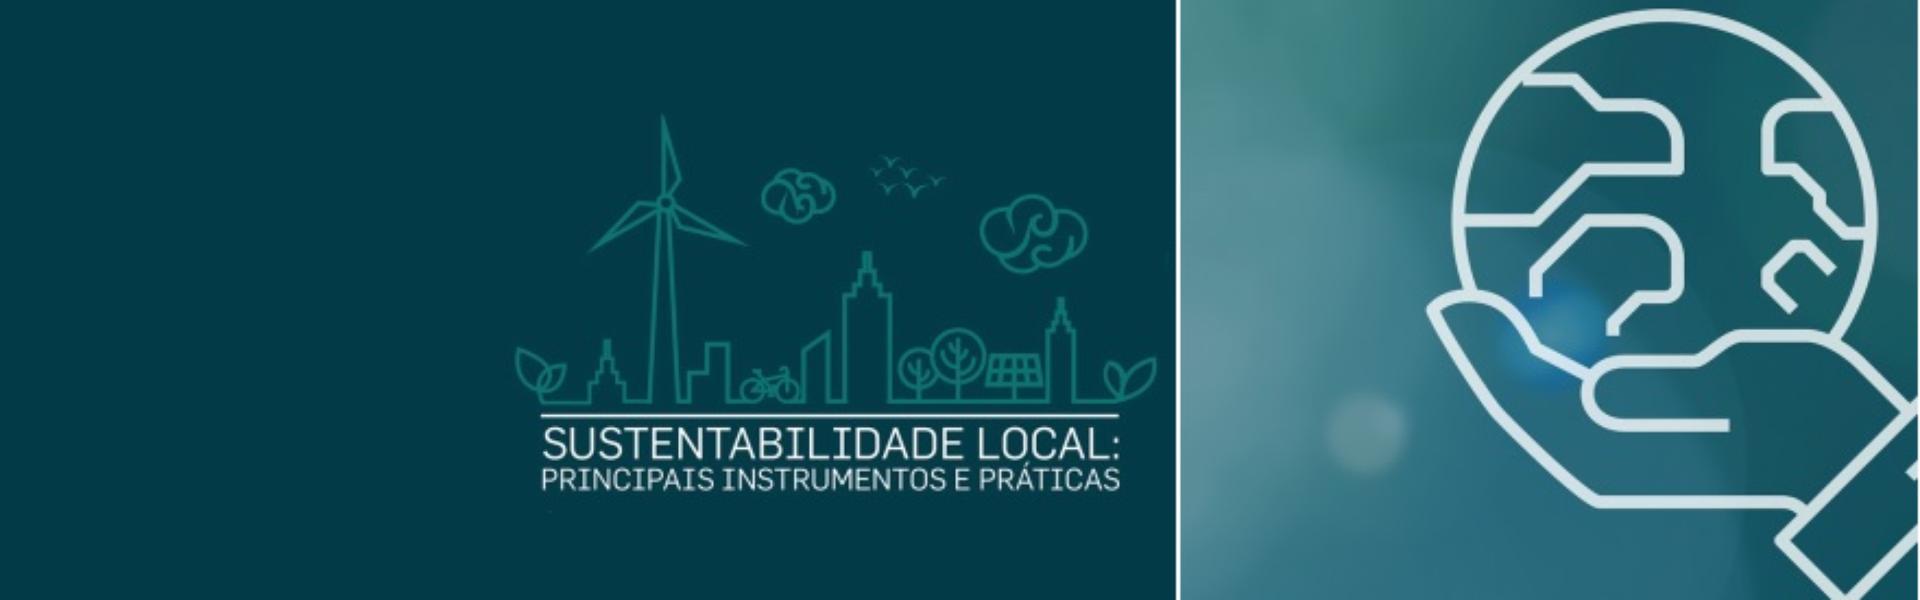 Curso de Pós-graduação em Sustentabilidade Local - ensino a distância